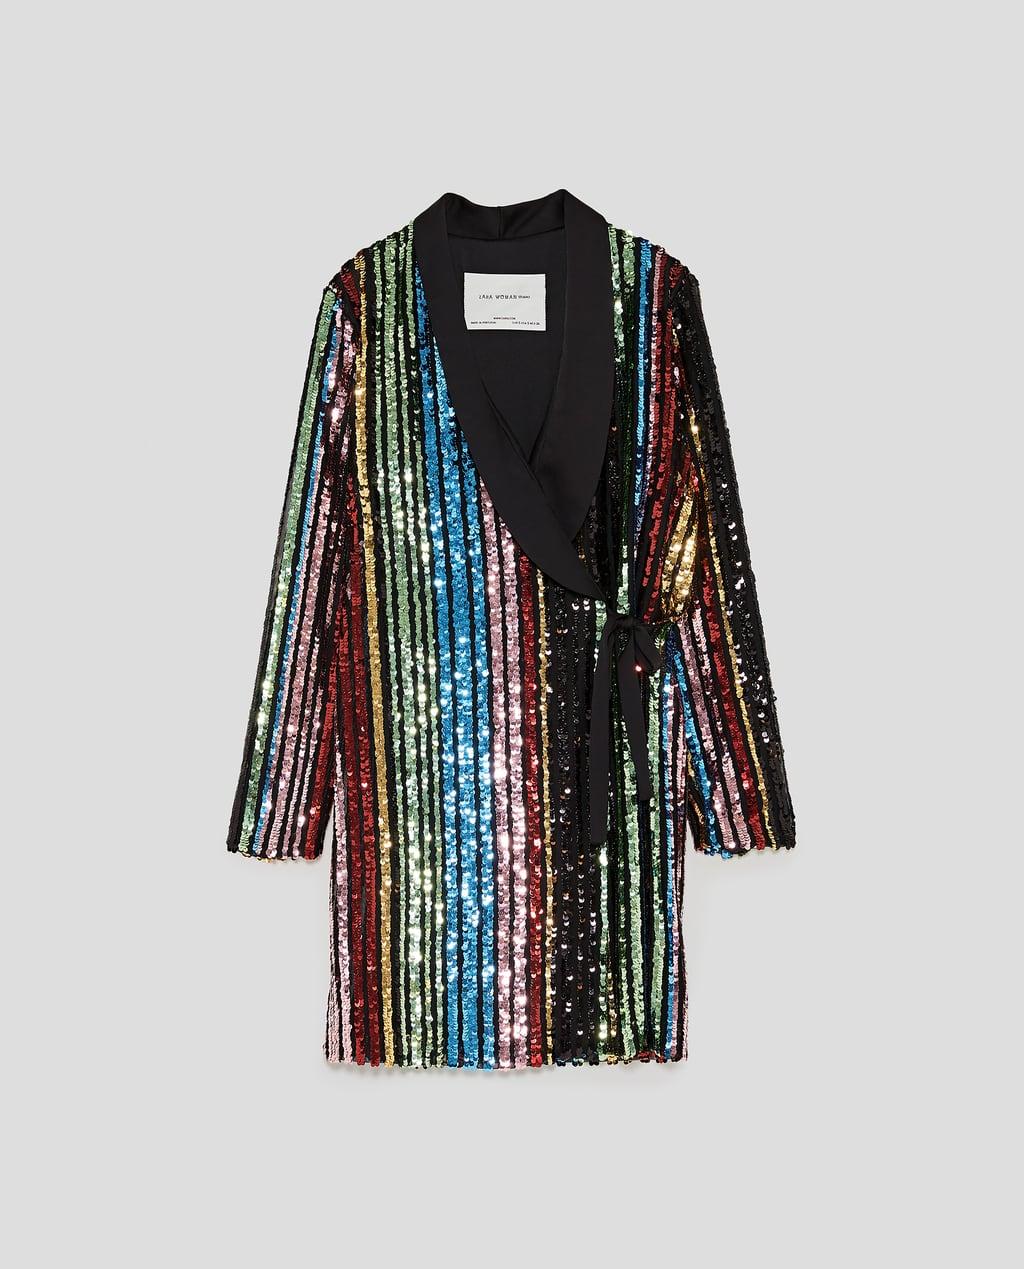 Zara £95.99